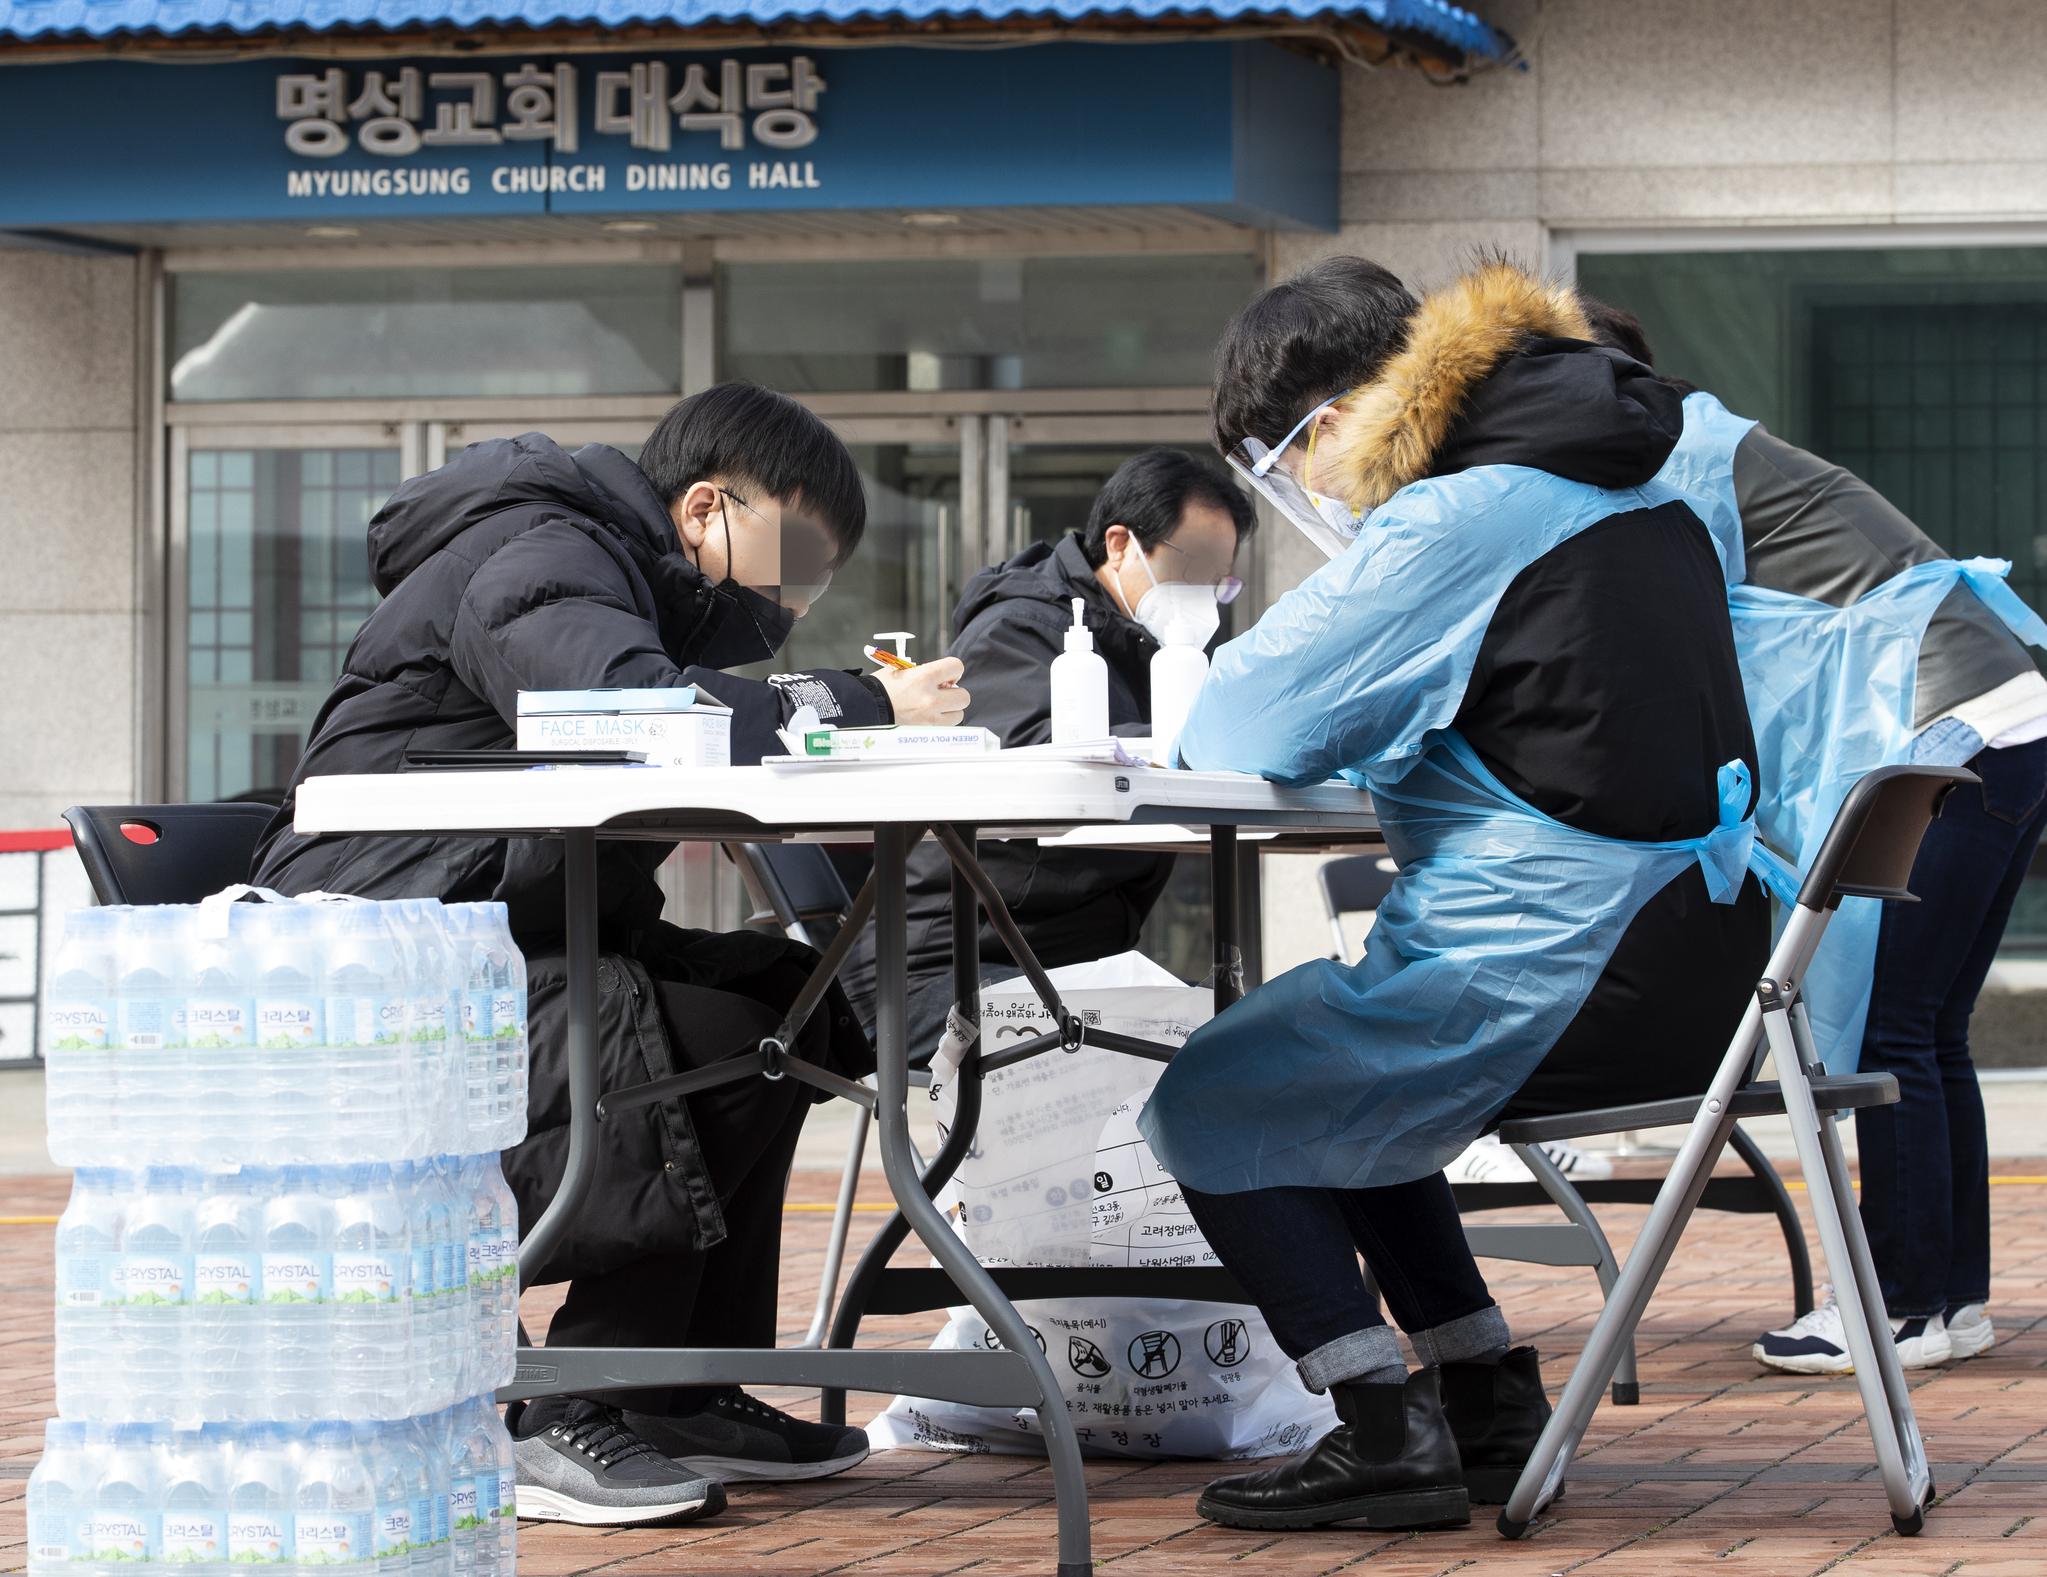 26일 오전 서울 명성교회 앞에 설치된 신종 코로나바이러스 감염증(코로나 19) 관련 선별진료소에서 시민들이 진료를 받고 있다. [연합뉴스]